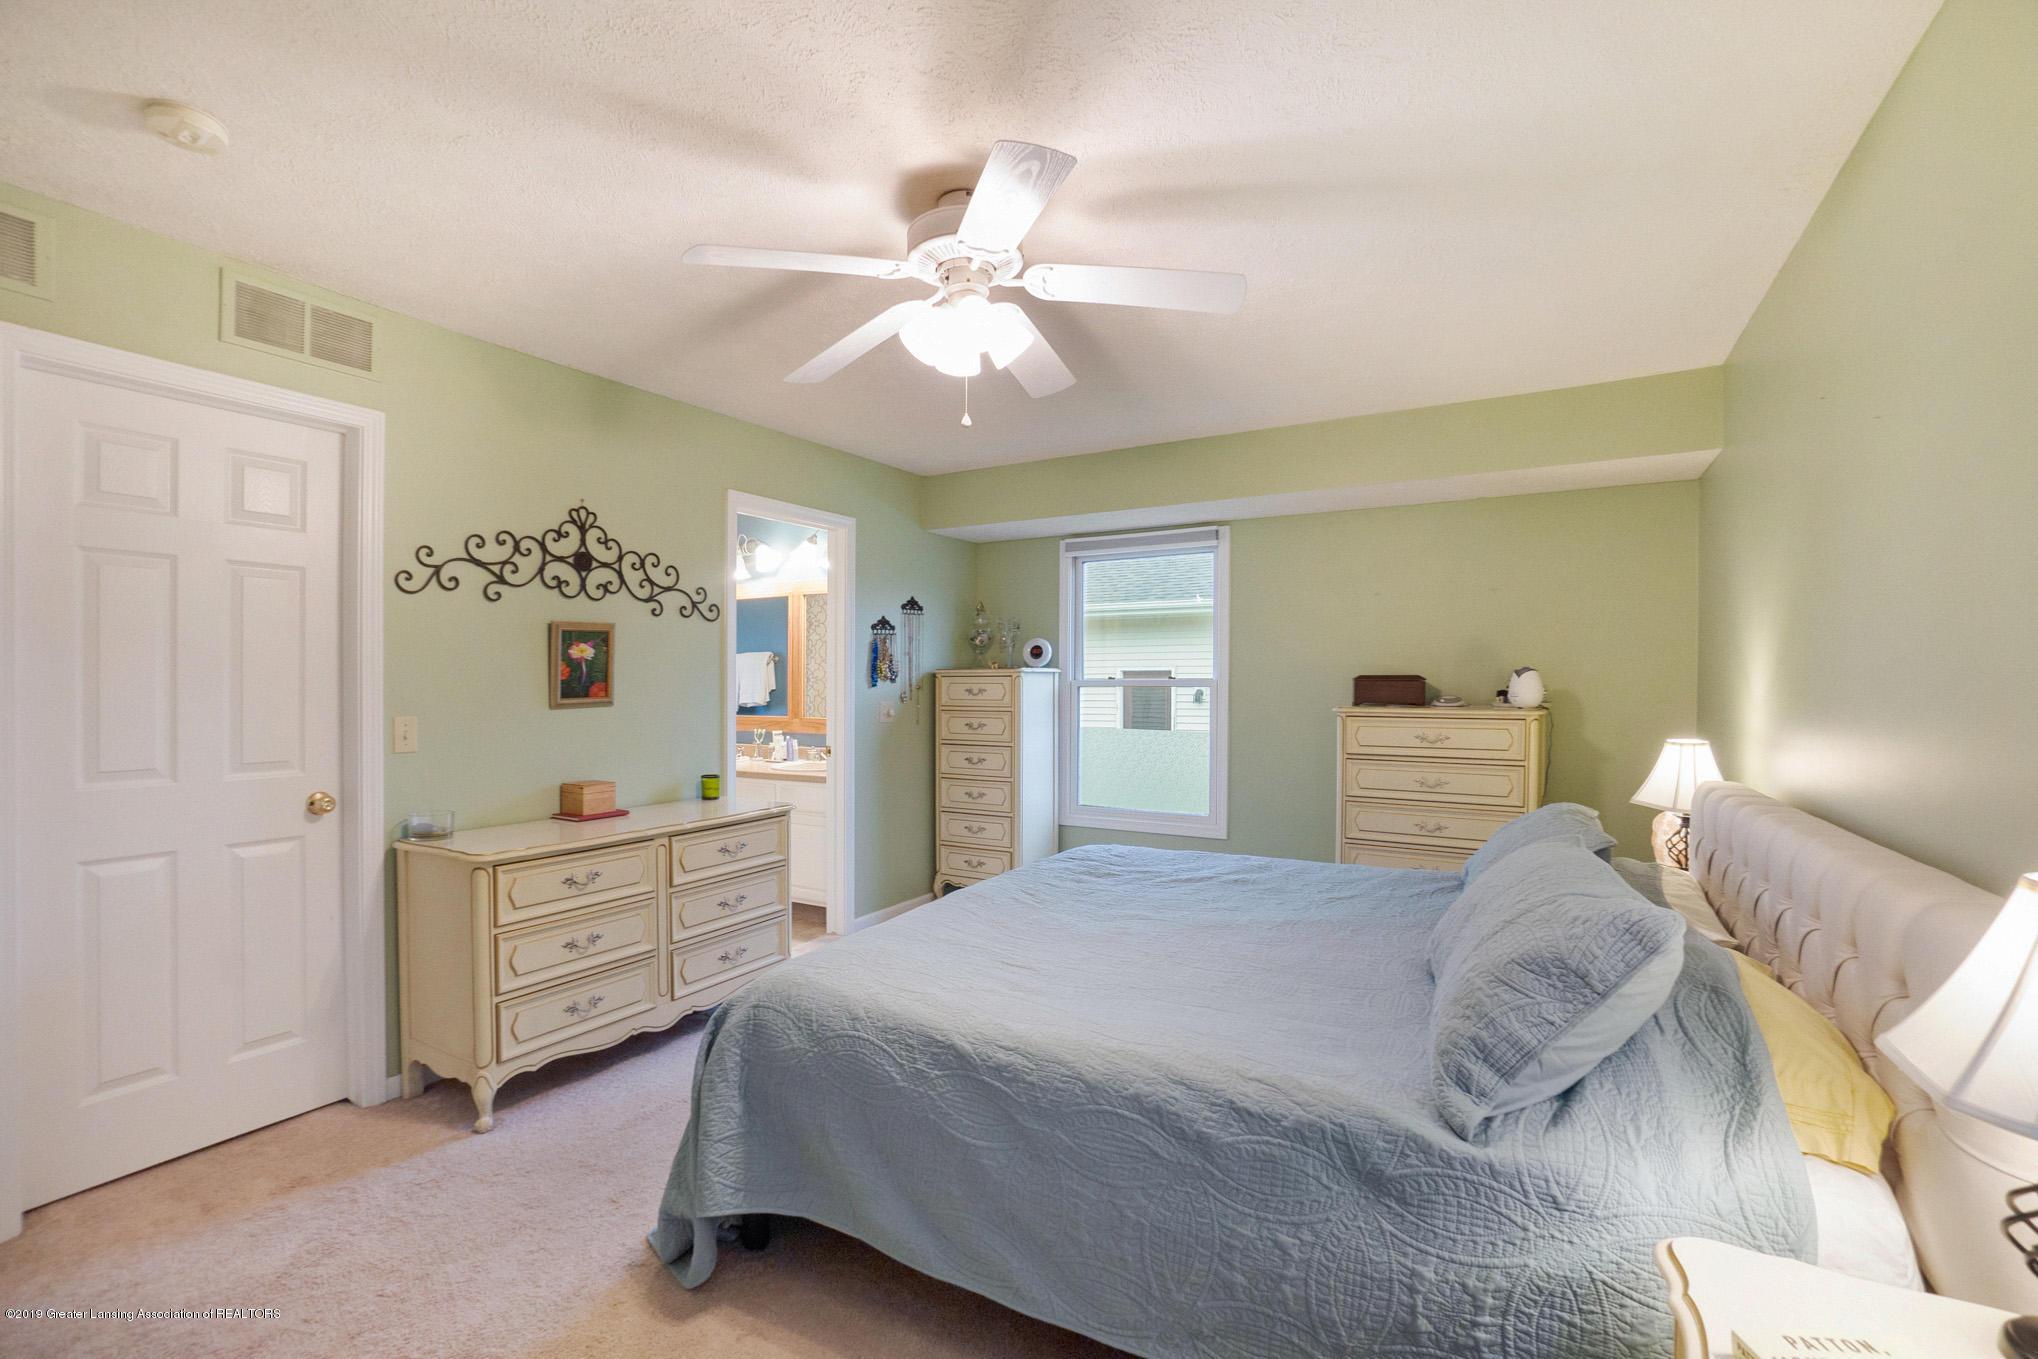 2540 Cunningham Dr - Bedroom - 21